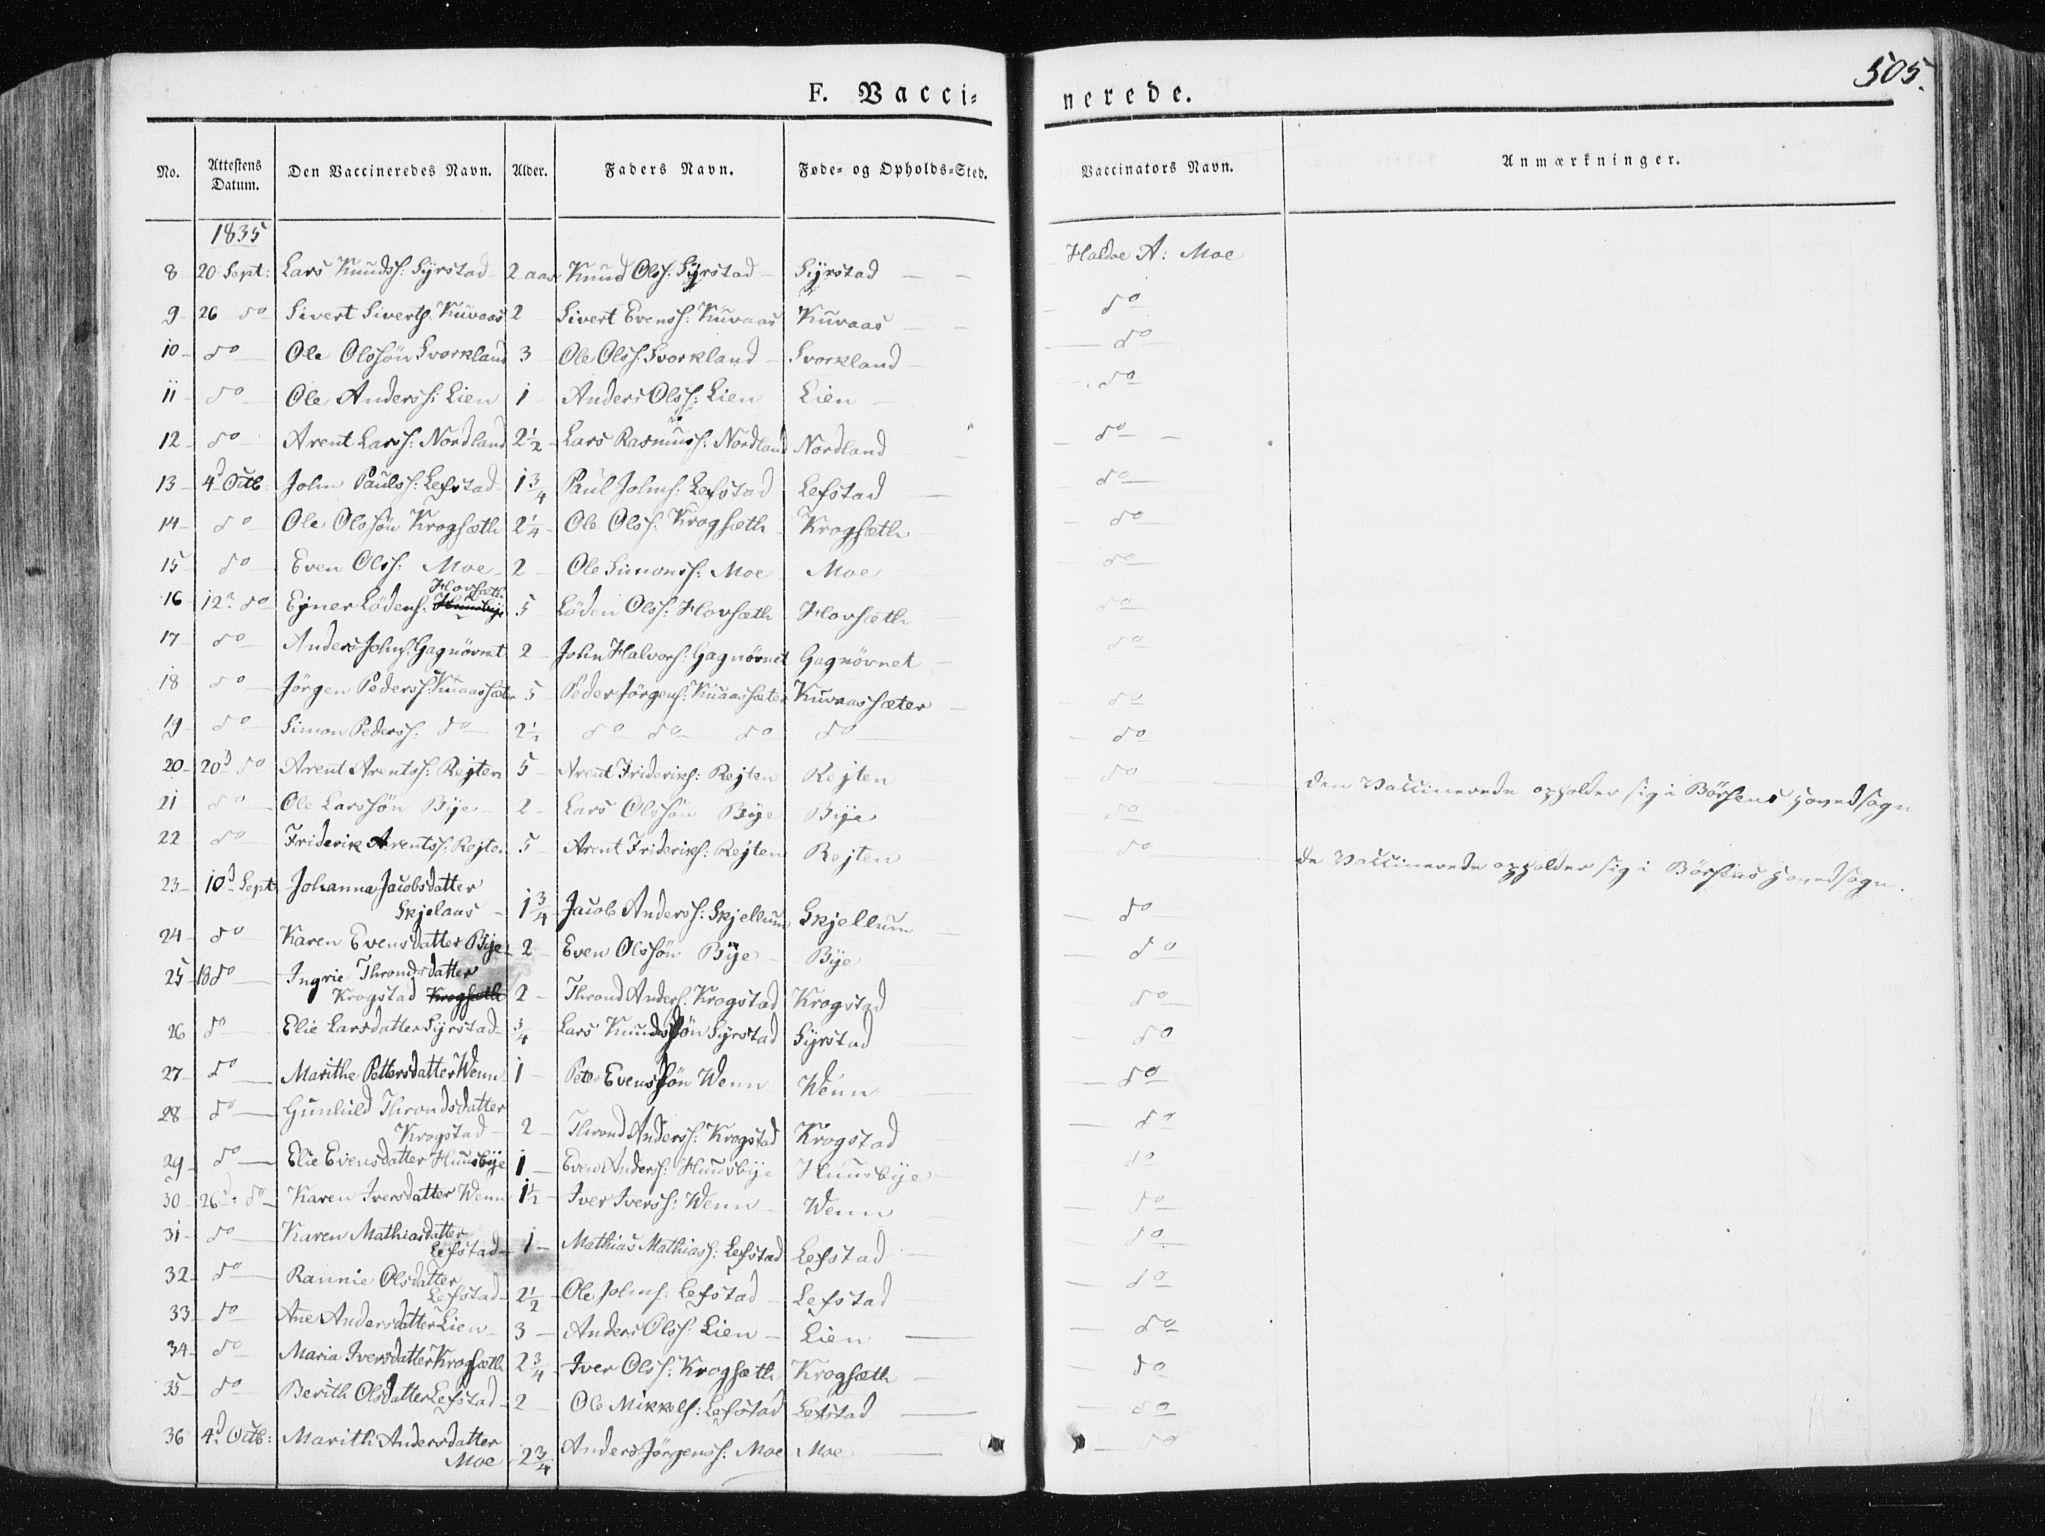 SAT, Ministerialprotokoller, klokkerbøker og fødselsregistre - Sør-Trøndelag, 665/L0771: Ministerialbok nr. 665A06, 1830-1856, s. 505